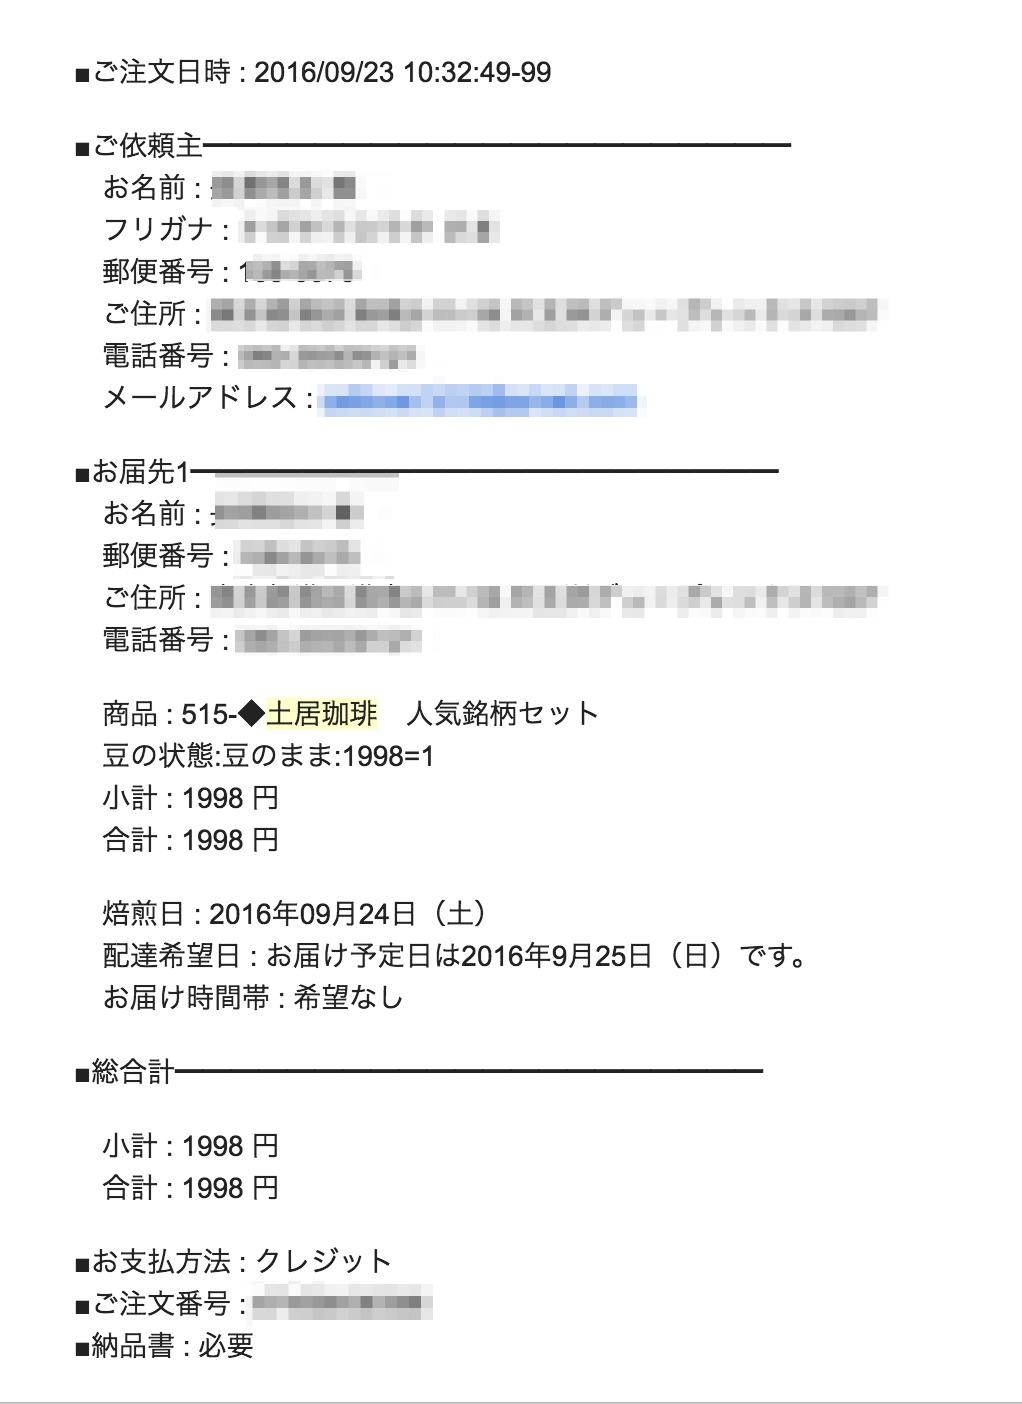 土居珈琲を注文した後のメール